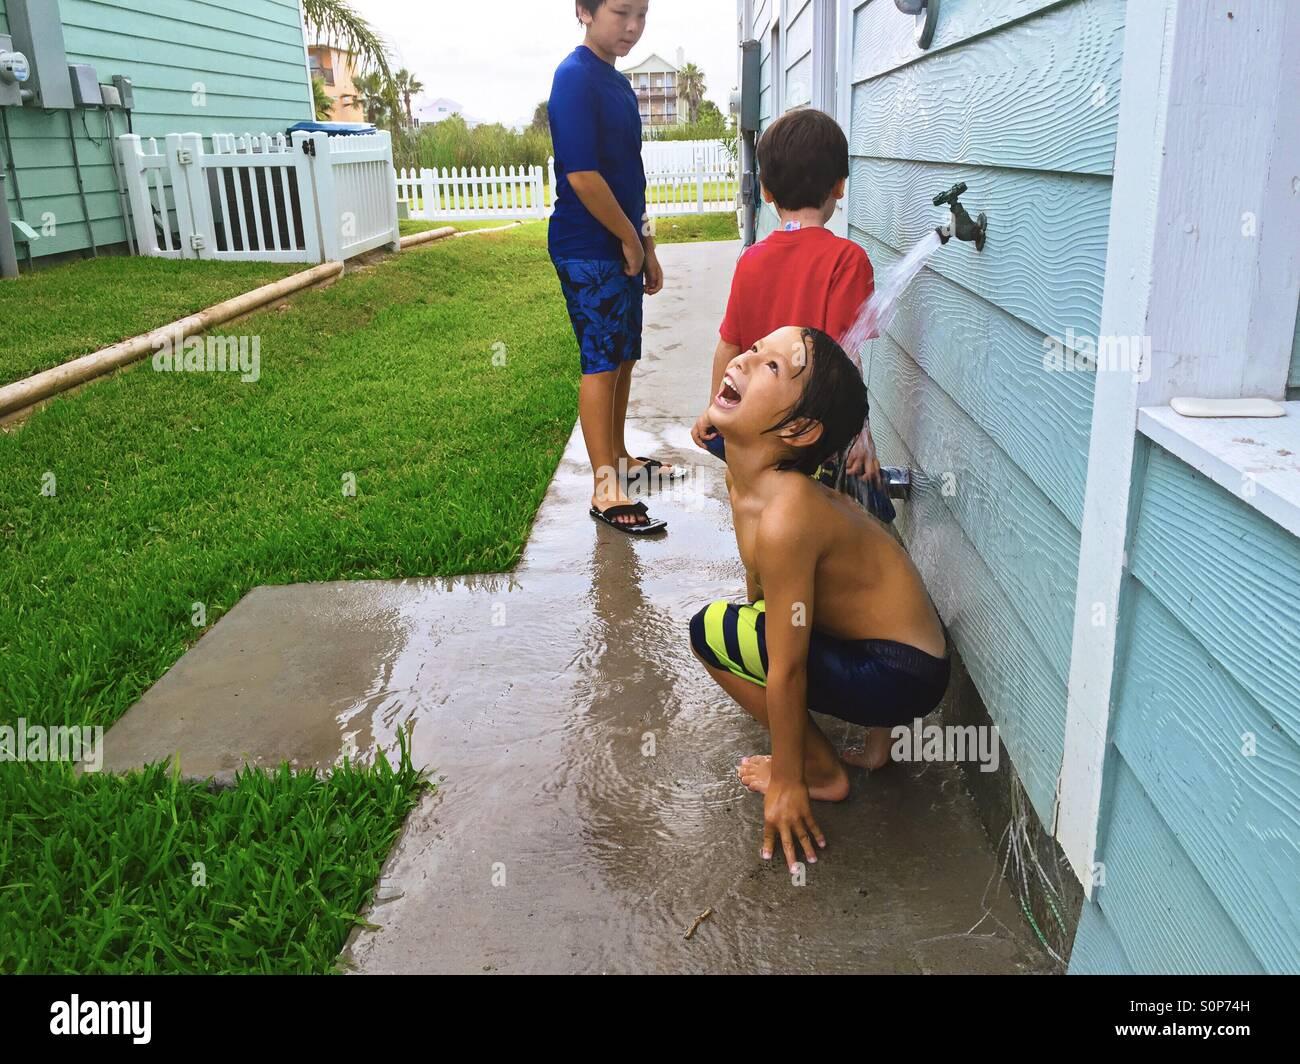 Ragazzi sciacquando dopo una nuotata. Giocando in acqua. Foto Stock